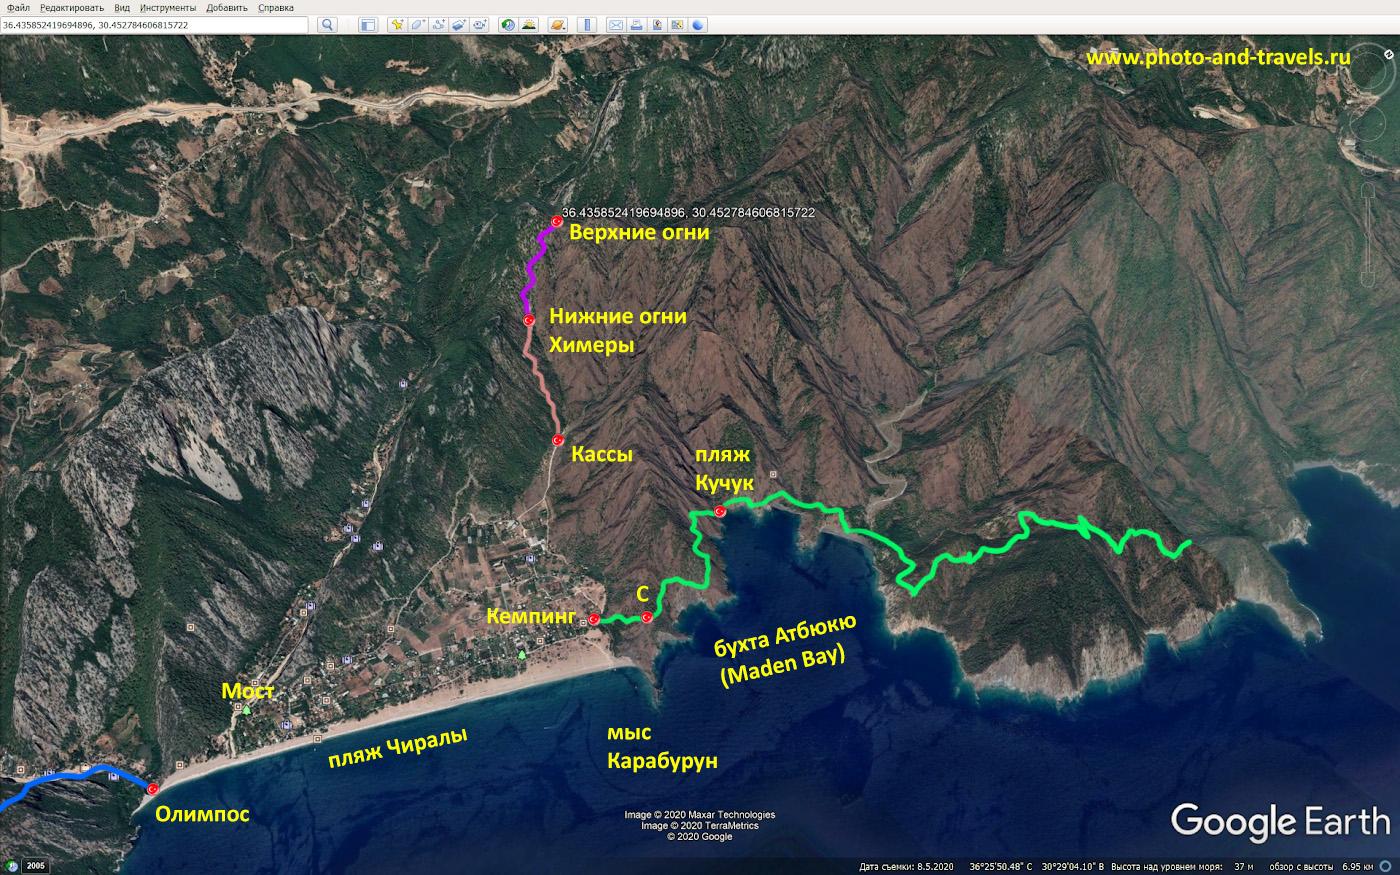 9. Карта со схемой расположения касс, тропы на Нижние и Верхние огни Химеры, а также пляжа Кючюк (Küçük plaj).